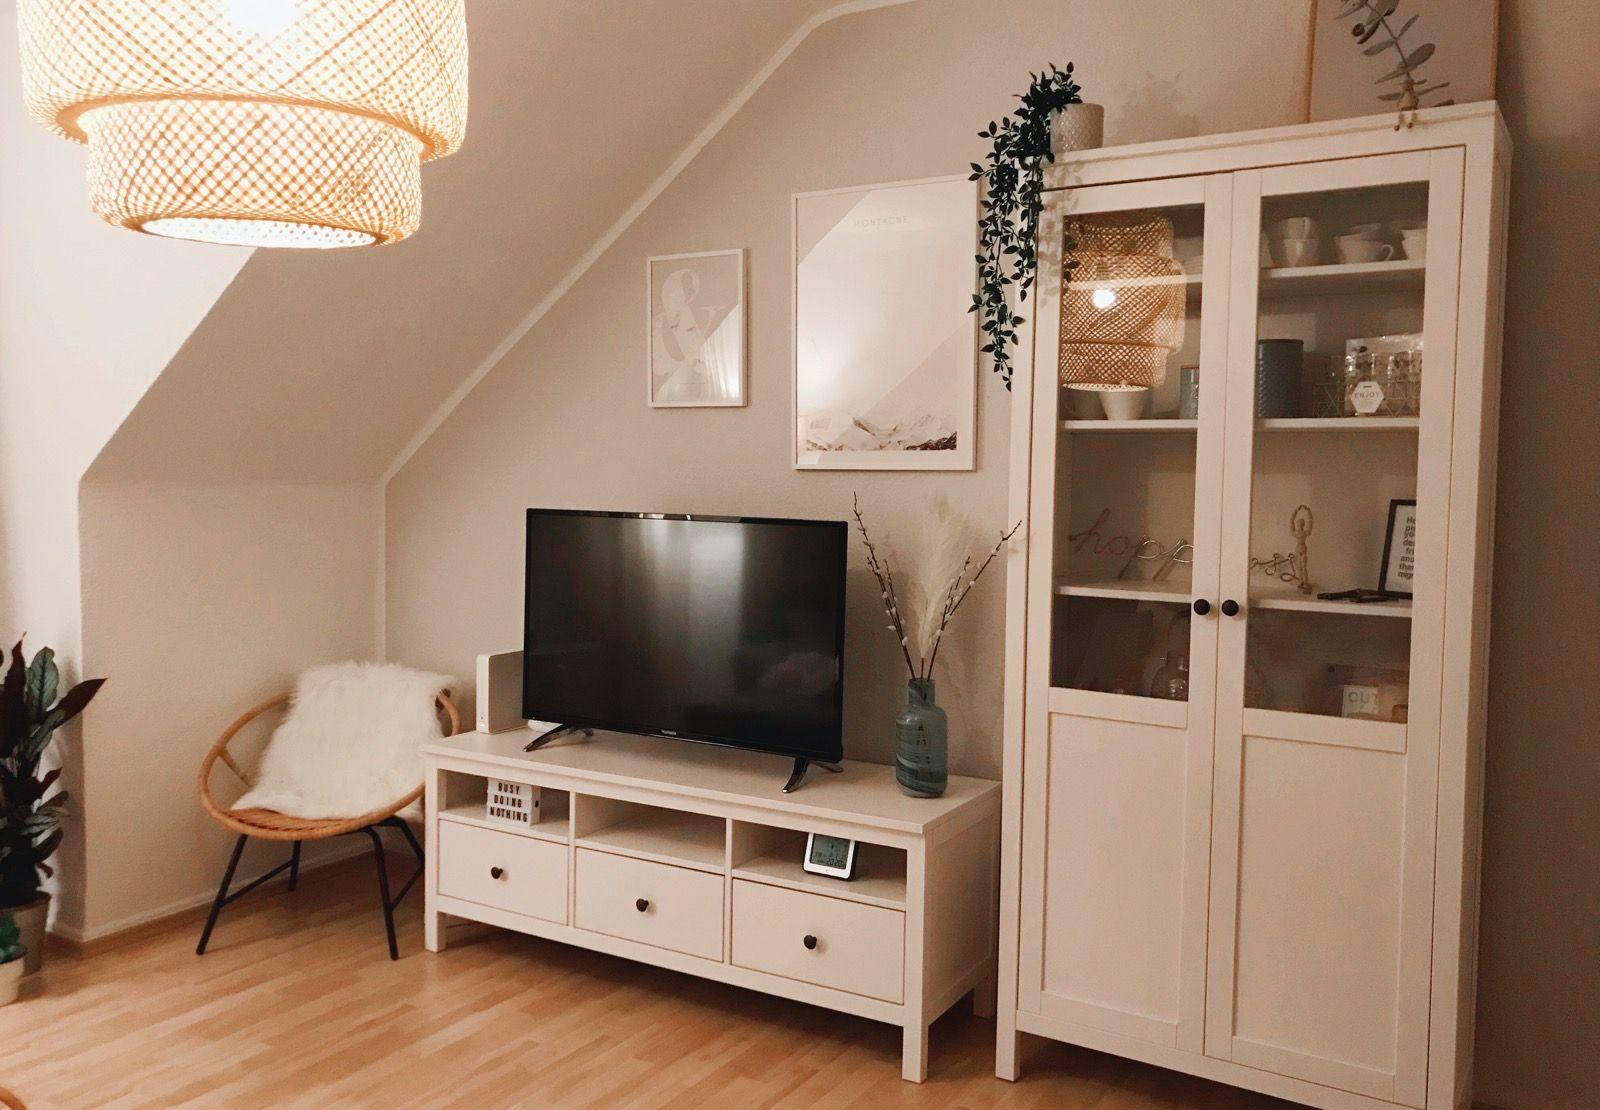 Ikea Hemnes Livingroom in 9  Wohnung wohnzimmer, Wohnung